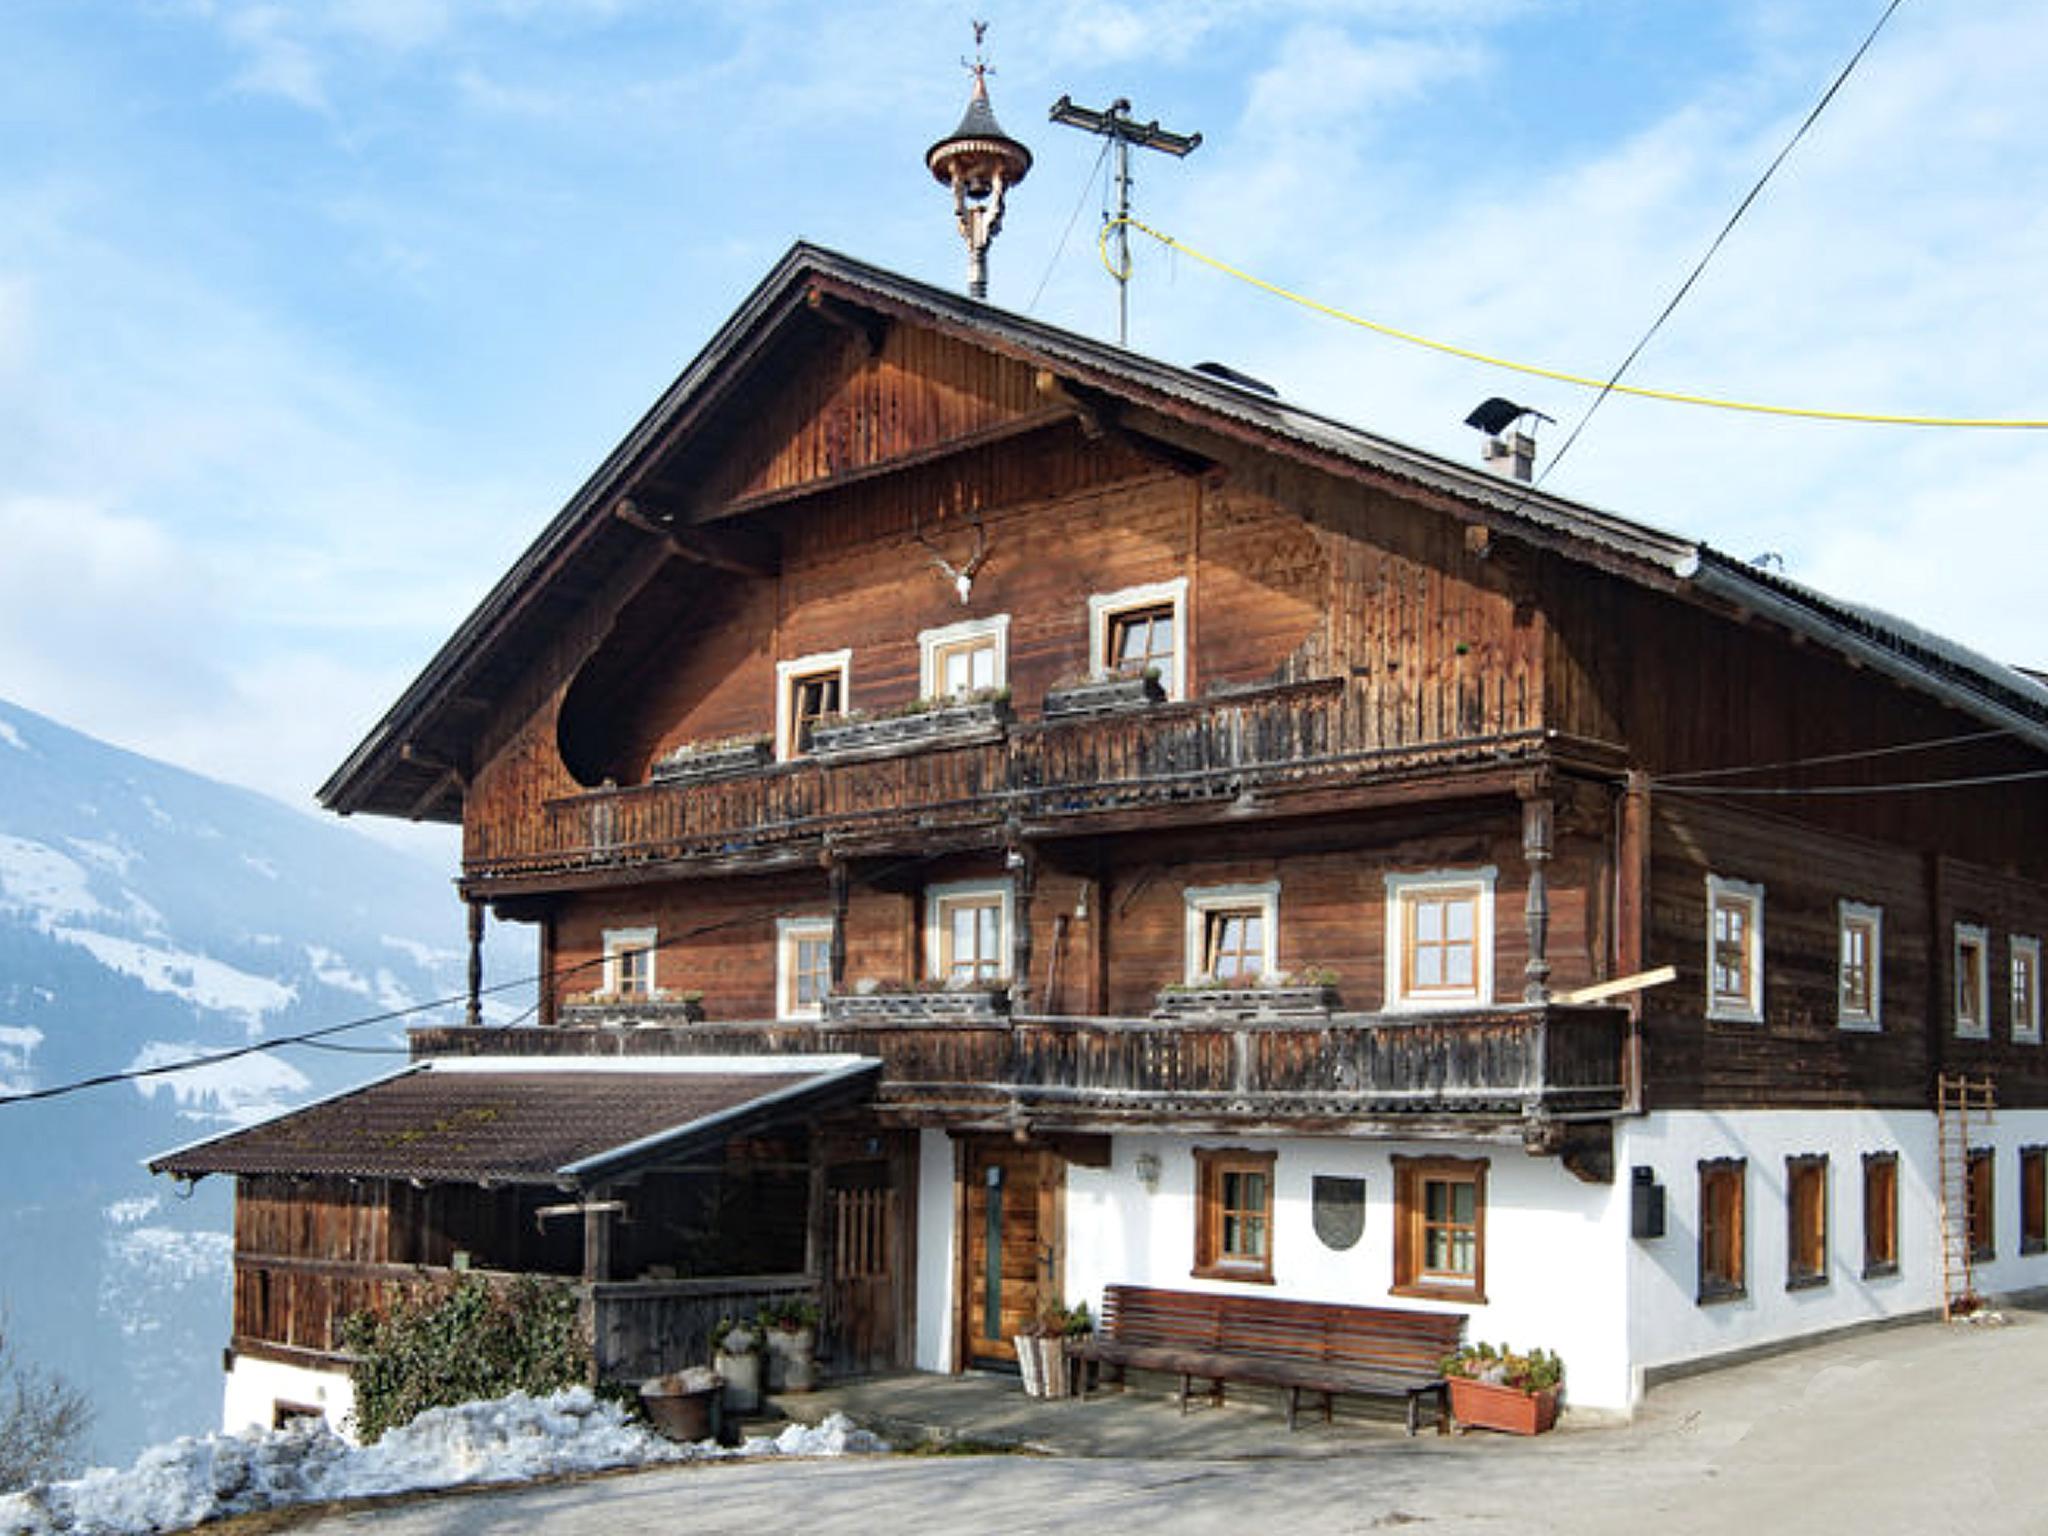 Pirchach Tirol